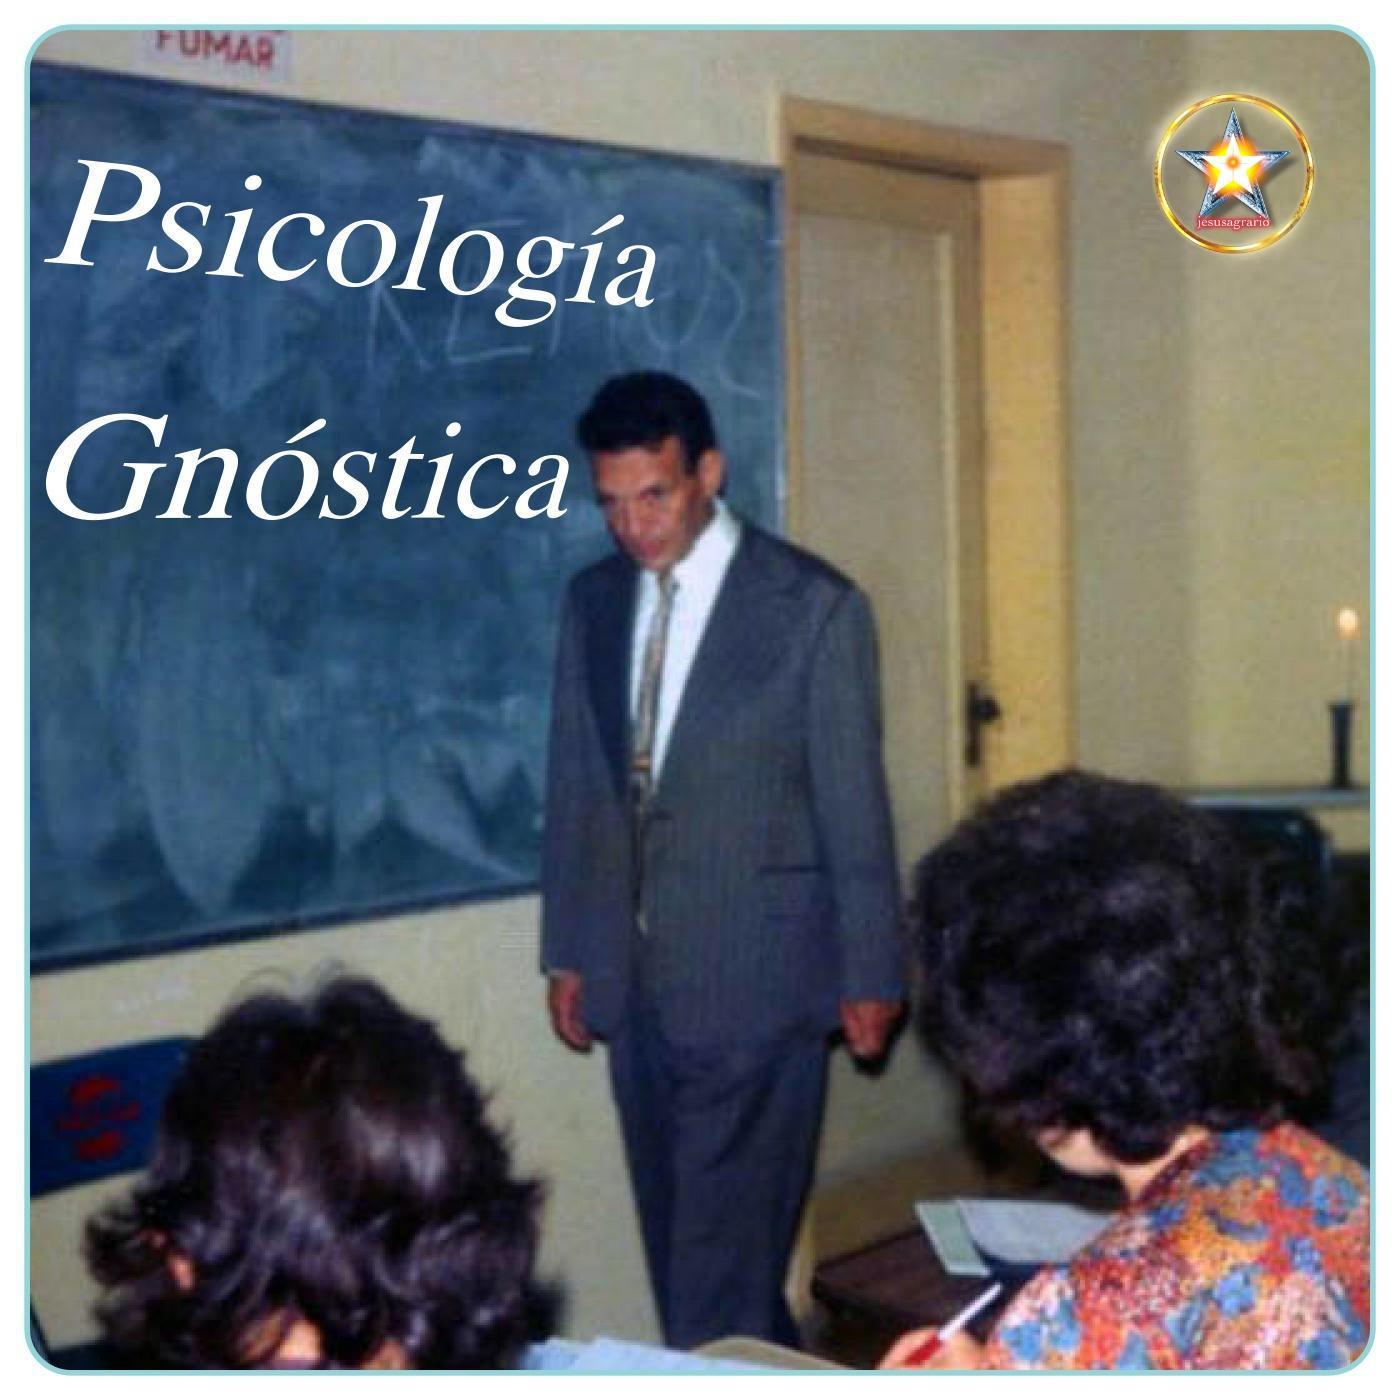 Psicologia gnostica